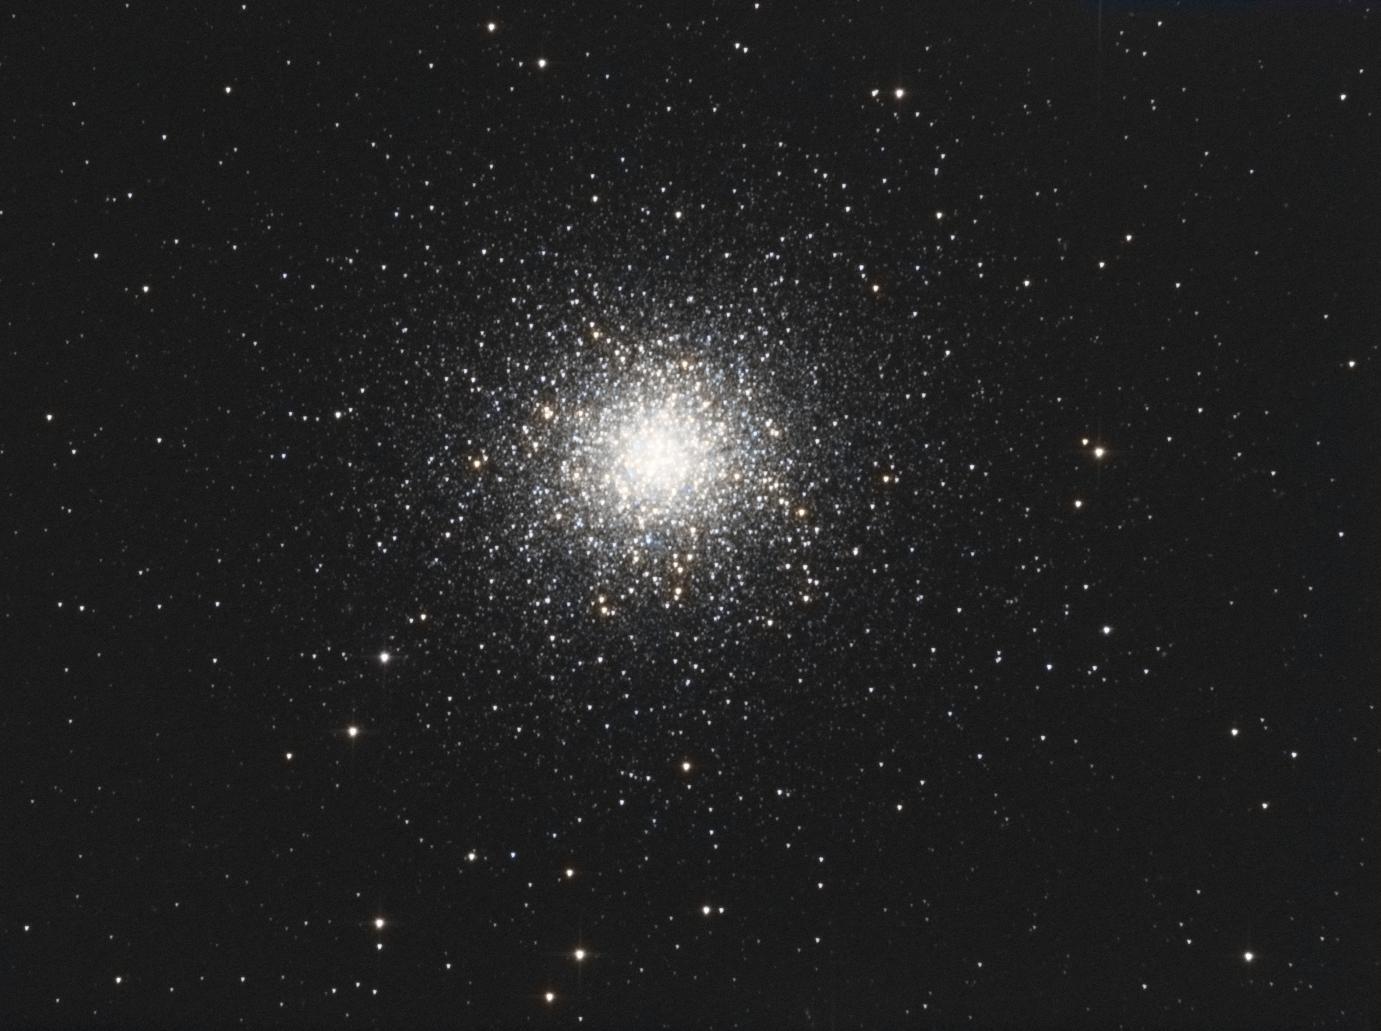 Seconde lumière dans le grand tas d'Hercule F6243ad5-f858-4212-80ea-3e2847c53d32